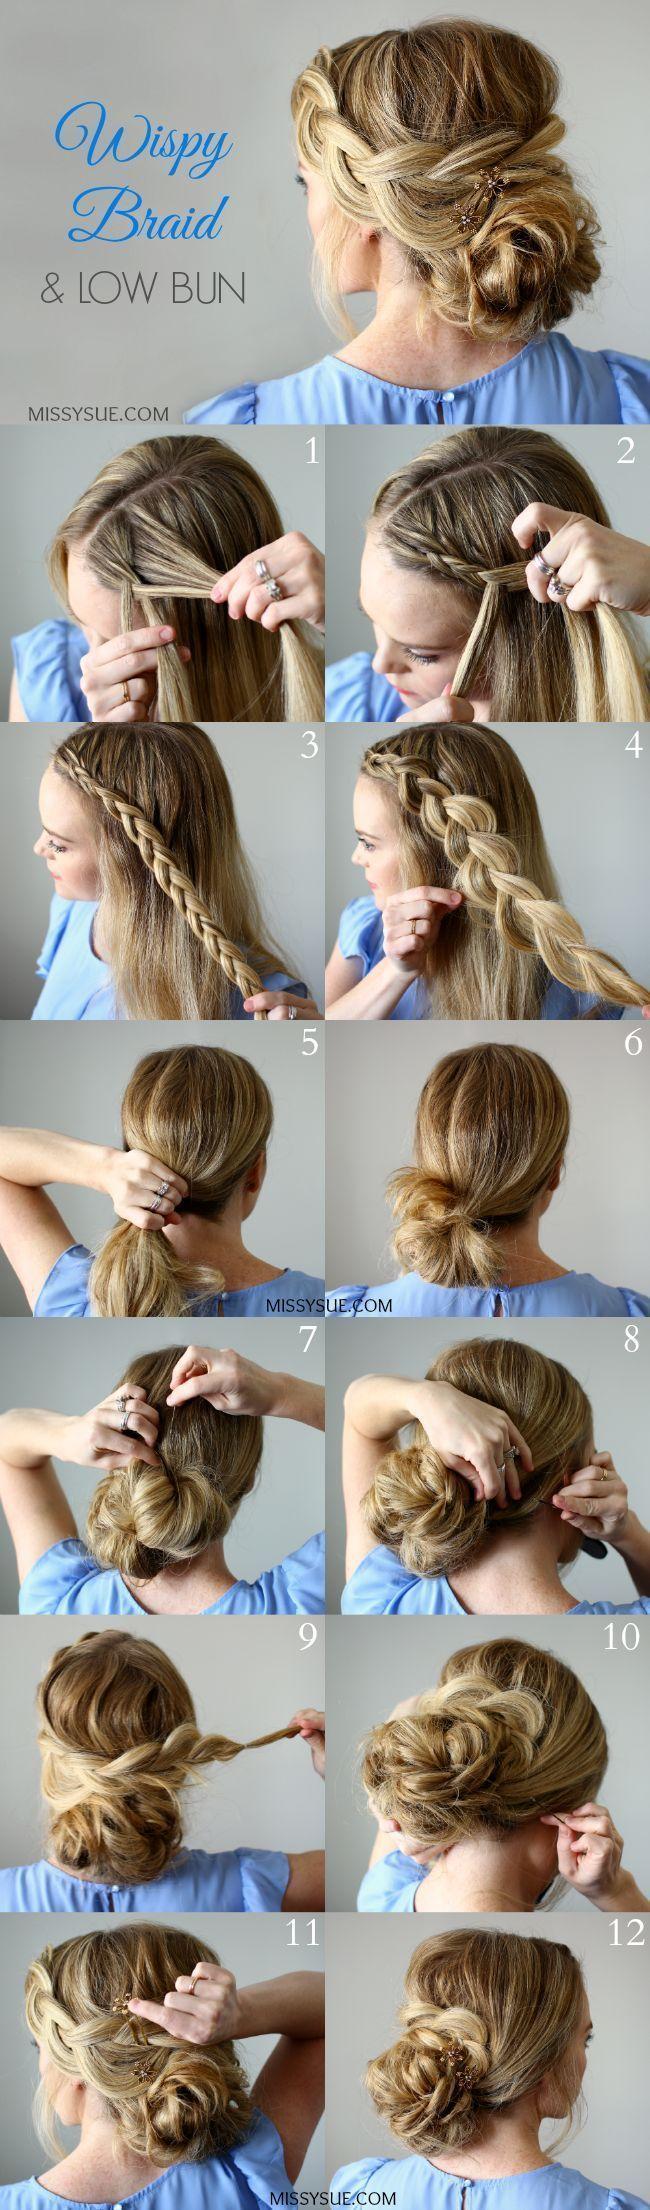 25 + ›25 instrucciones paso a paso para actualizaciones hermosas del cabello Trend – Página 4 de 5 – Trend To Wear